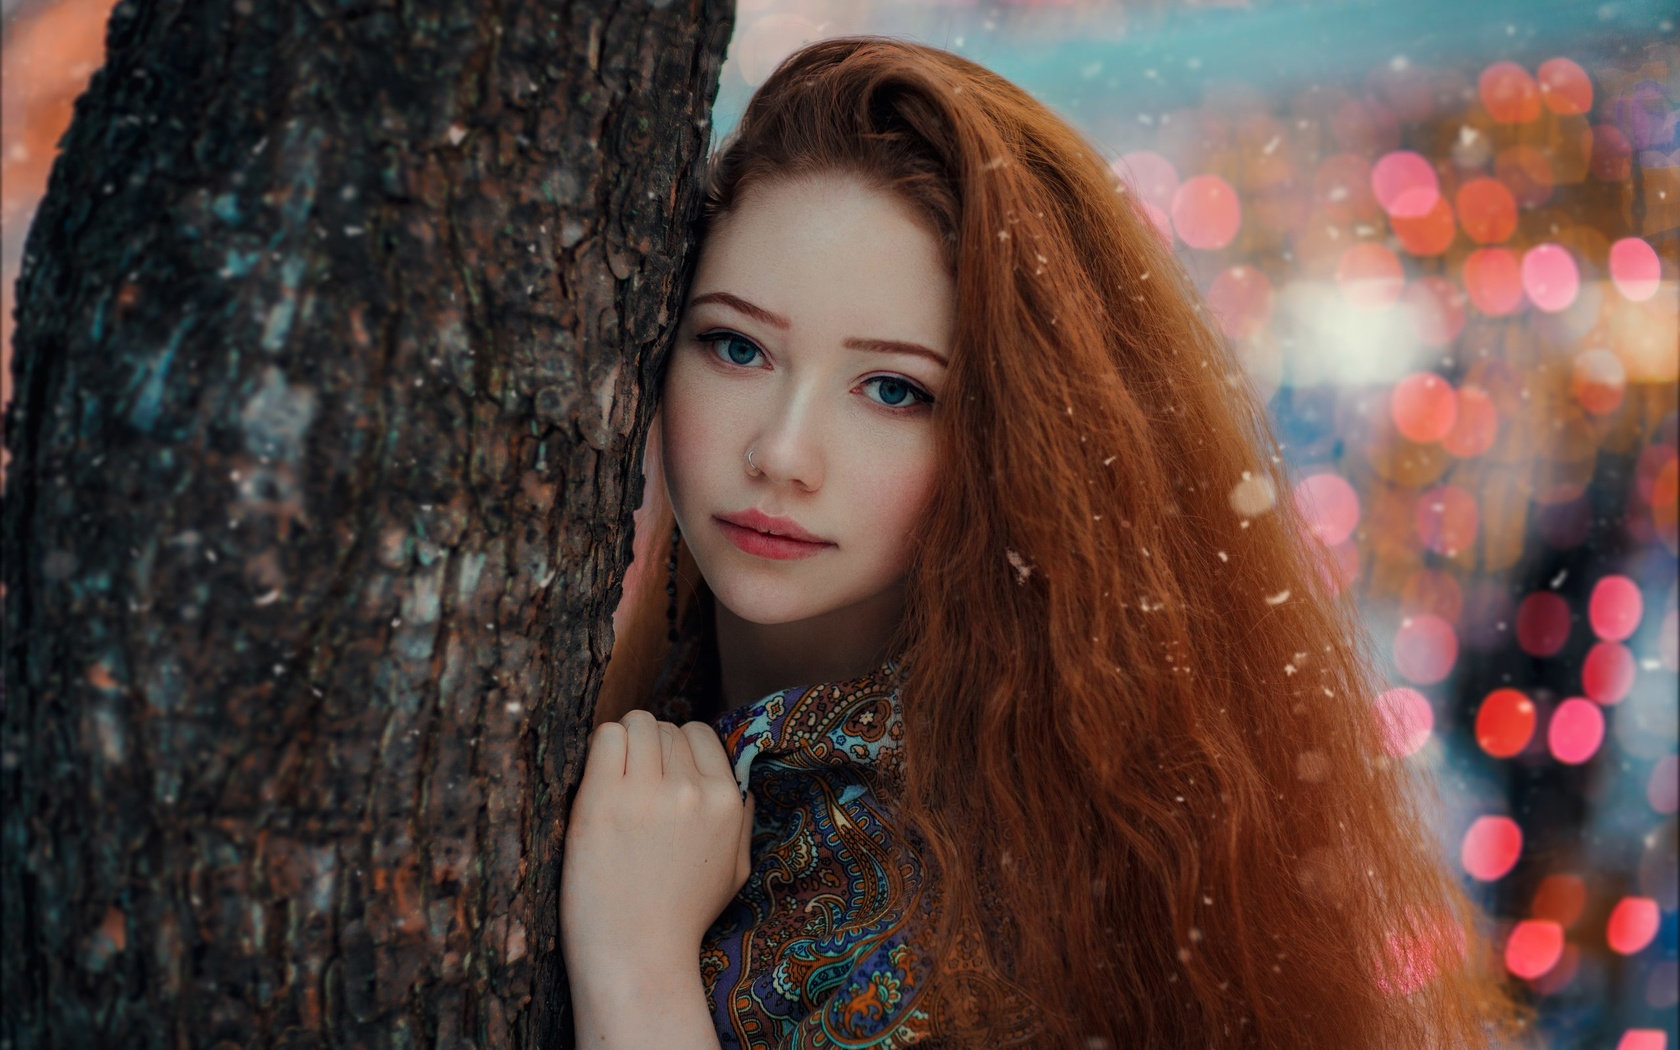 девушка, рыжая, длинные волосы, автор, хакан эренлер, erenler photo